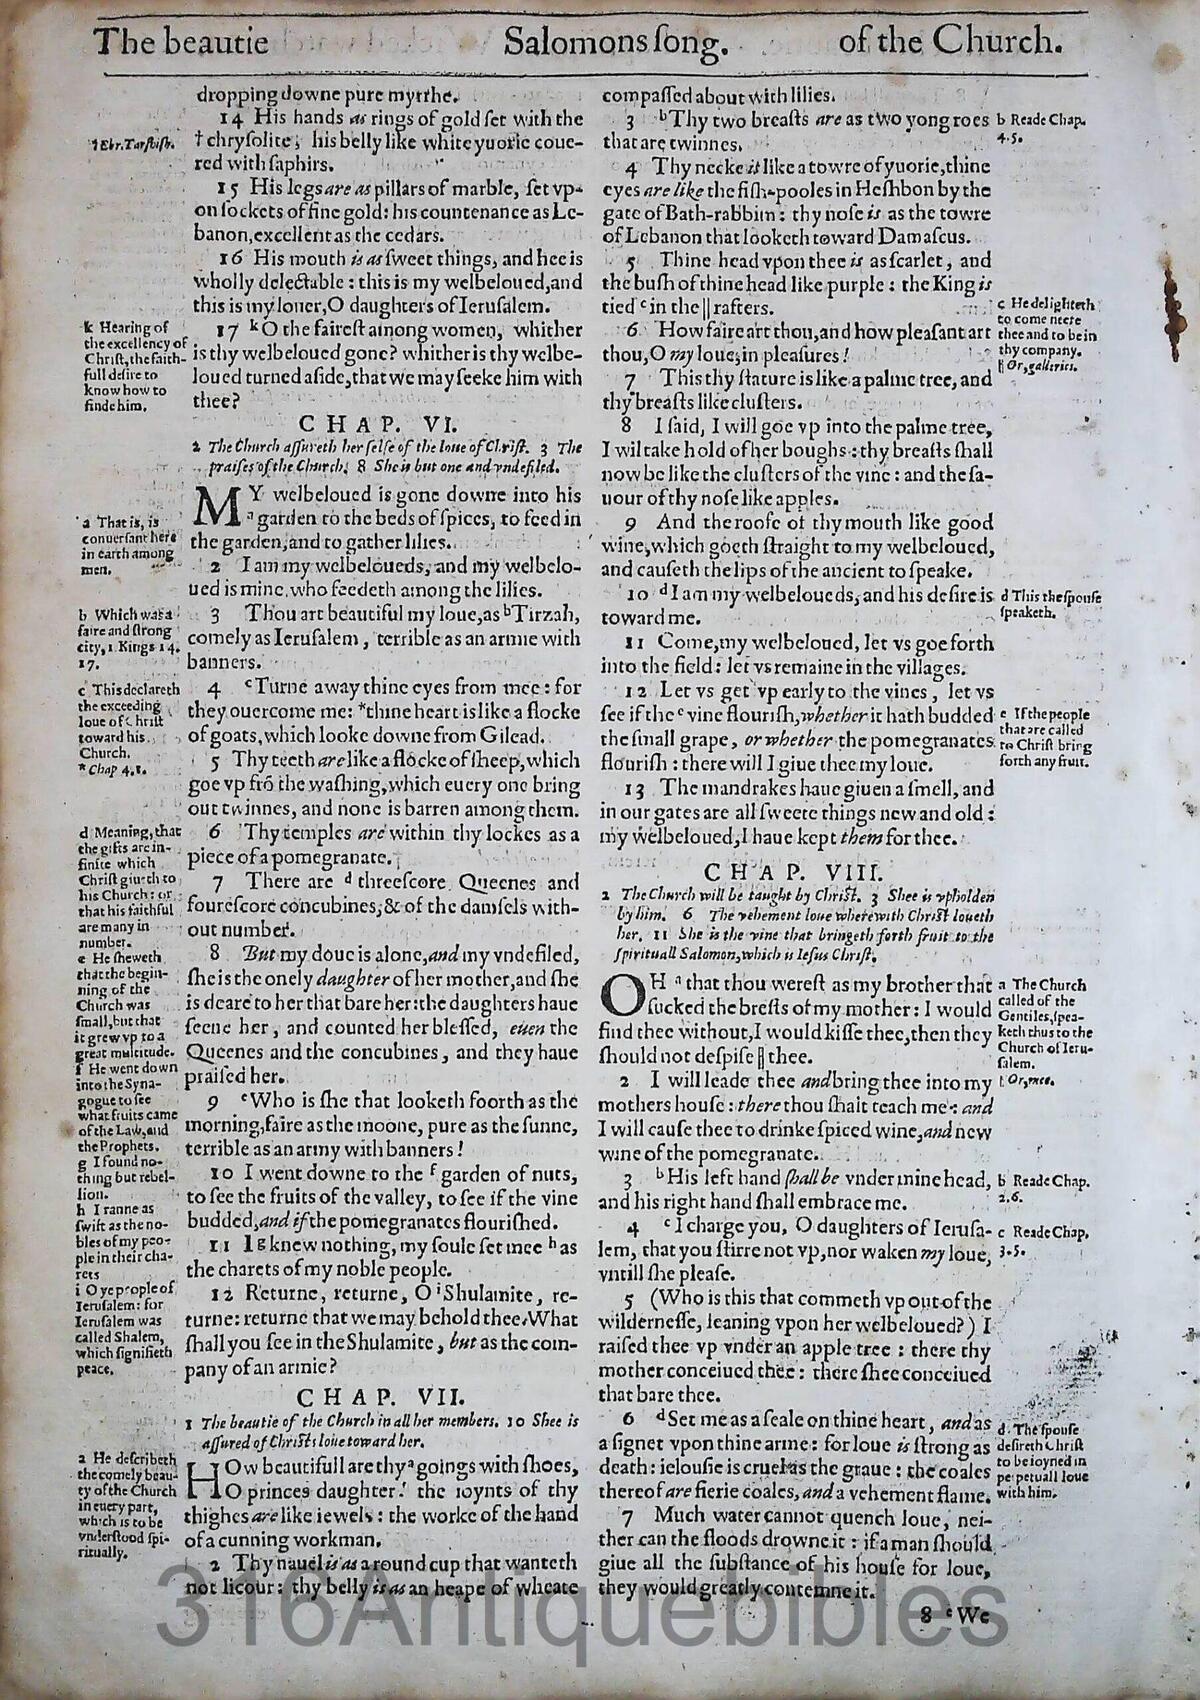 1612 GENEVA BIBLE SONG OF SOLOMON LEAVES